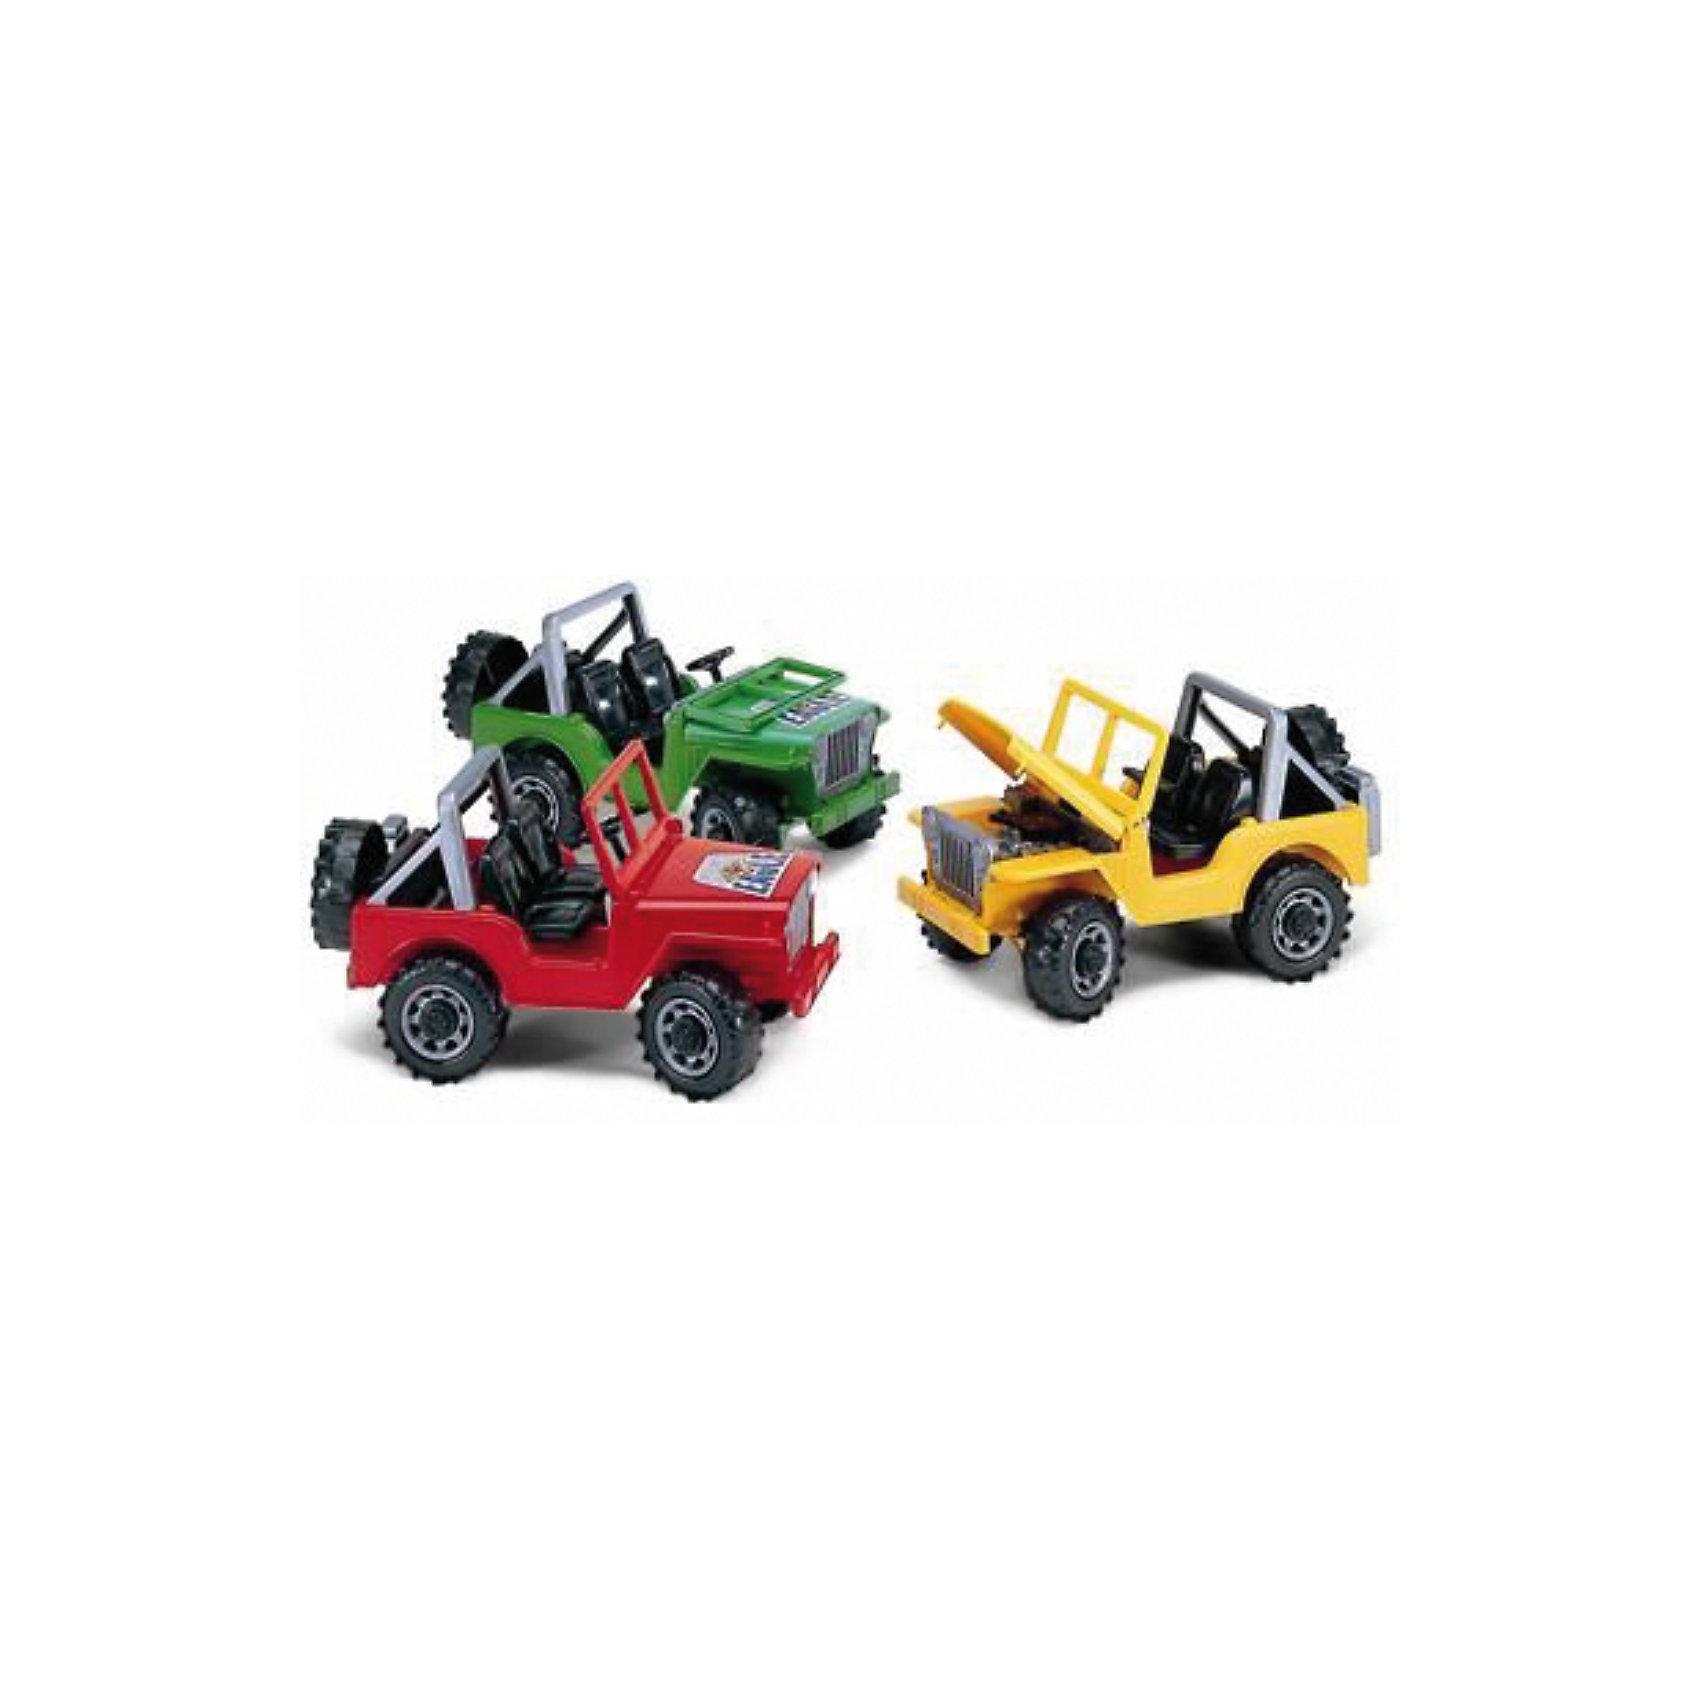 Bruder Джип Jeep, в ассортиментеBruder Джип JEEP от Bruder (Брудер) - это открытый внедорожник для юных любителей автомобильной техники. Модель выполнена с максимальной детализацией и обладает всем функционалом настоящей машины: лобовое стекло кабины опускается, капот открывается для доступа к двигателю, а руль вращается, управляя передними колесами. Сзади машины закреплены съемное запасное колесо и канистра для бензина. Большие пластиковые колеса обеспечивают джипу отличную проходимость. <br><br>Джип JEEP Bruder копия реальной техники в масштабе 1:16.<br><br>Размеры (д/ш/в): 27 х 18 х 14 см.<br><br>ВНИМАНИЕ! Данный артикул представлен в разных цветовых исполнениях. К сожалению, выбрать определенный цвет невозможно. При заказе нескольких моделей возможно получение одинаковых.<br><br>Ширина мм: 270<br>Глубина мм: 180<br>Высота мм: 140<br>Вес г: 500<br>Возраст от месяцев: 36<br>Возраст до месяцев: 84<br>Пол: Мужской<br>Возраст: Детский<br>SKU: 2148641